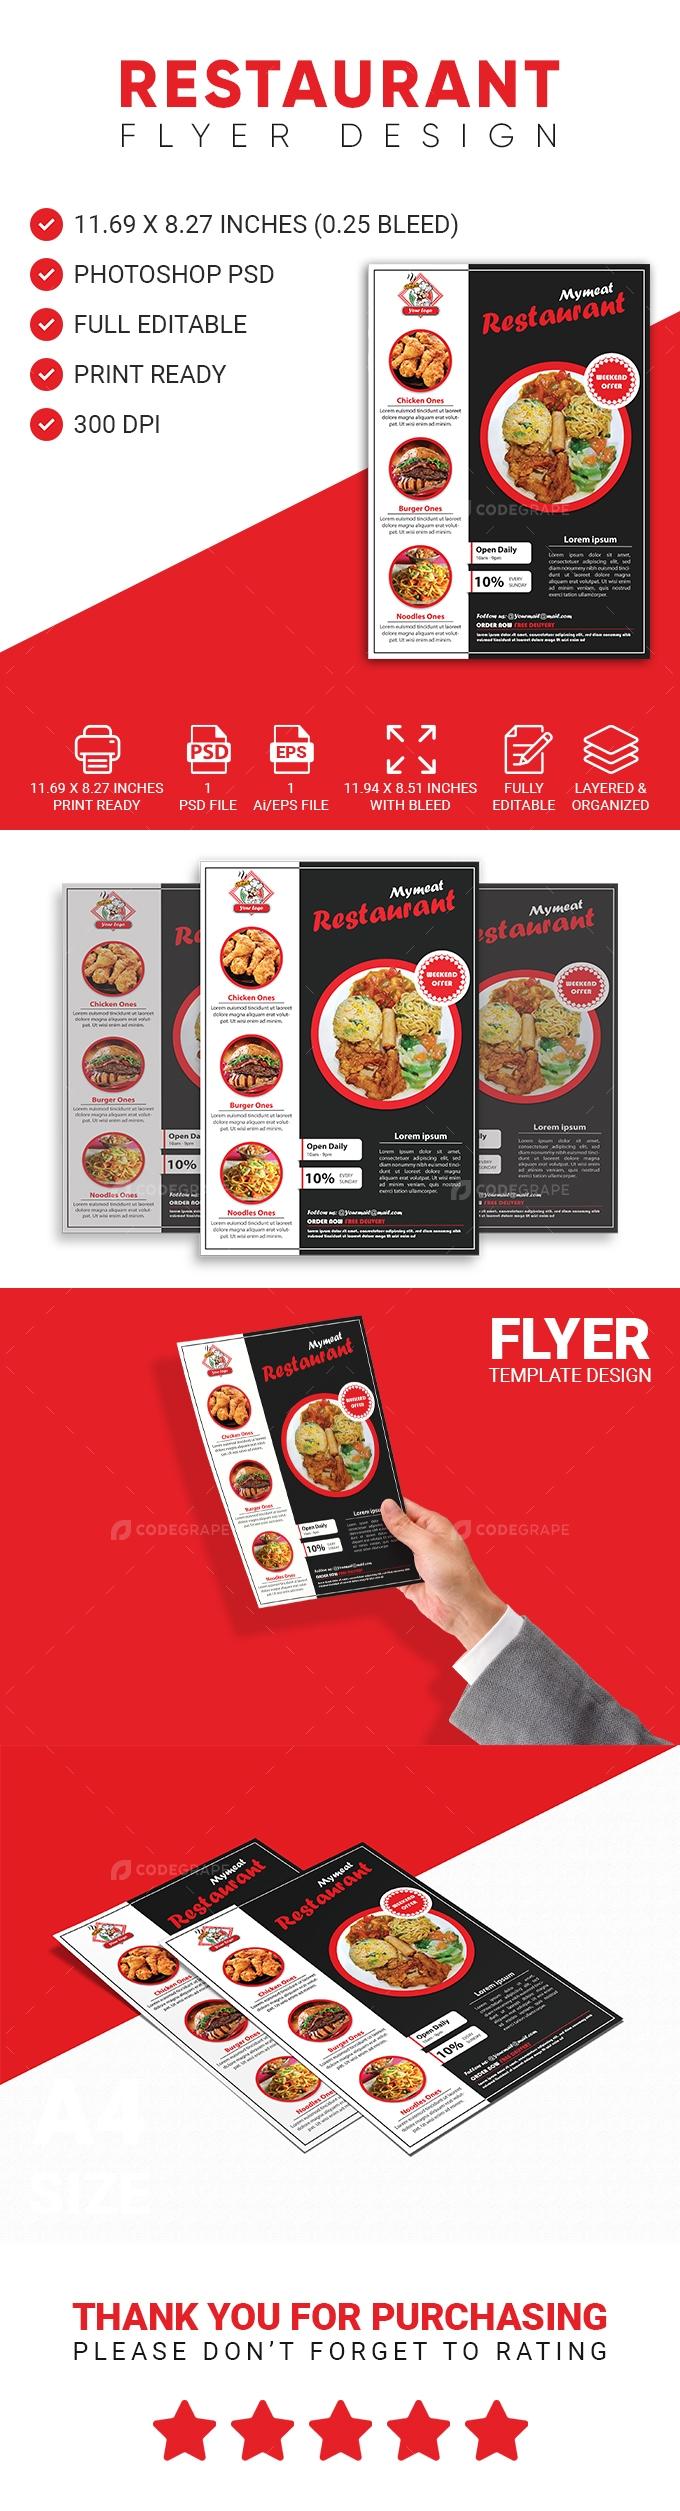 Restaurant Flyer / Menu Template